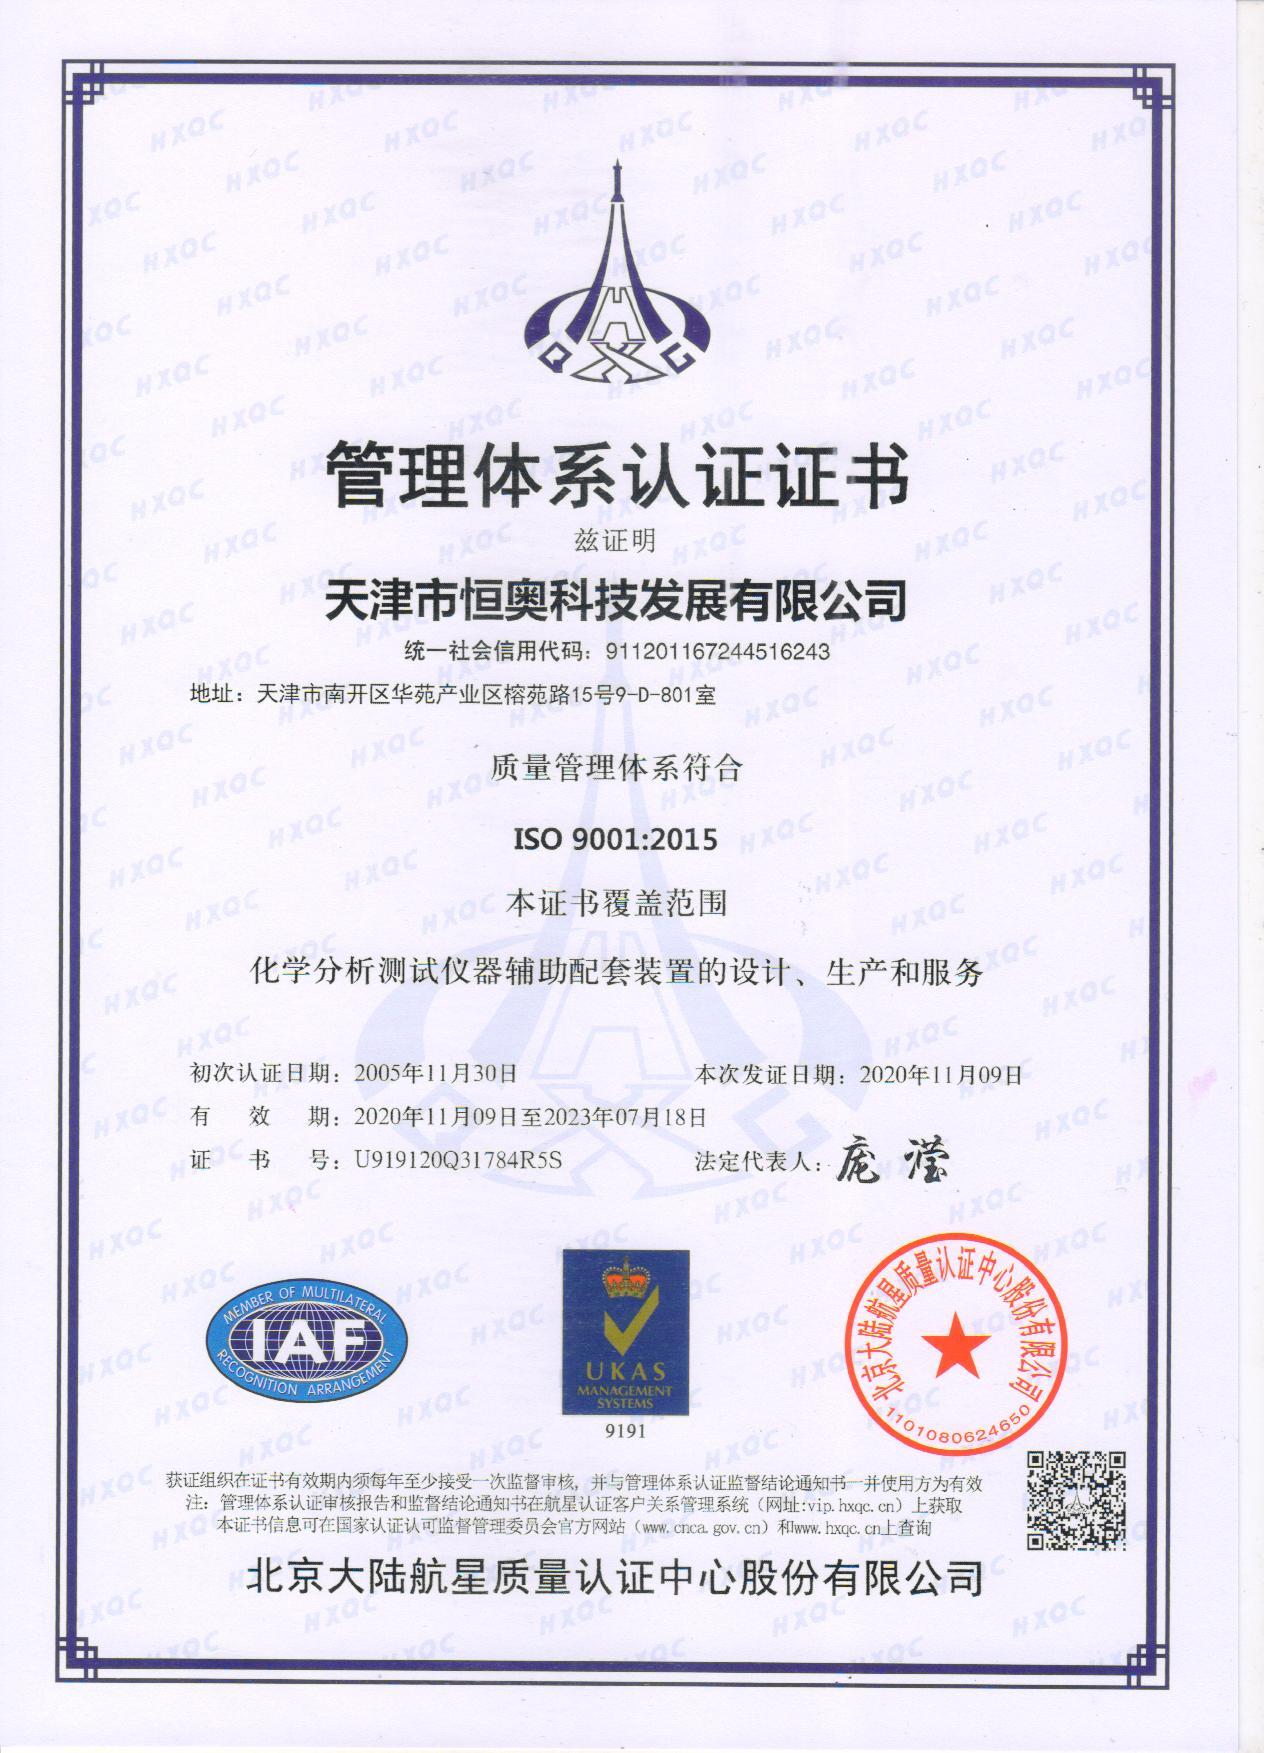 2020管理体系认证